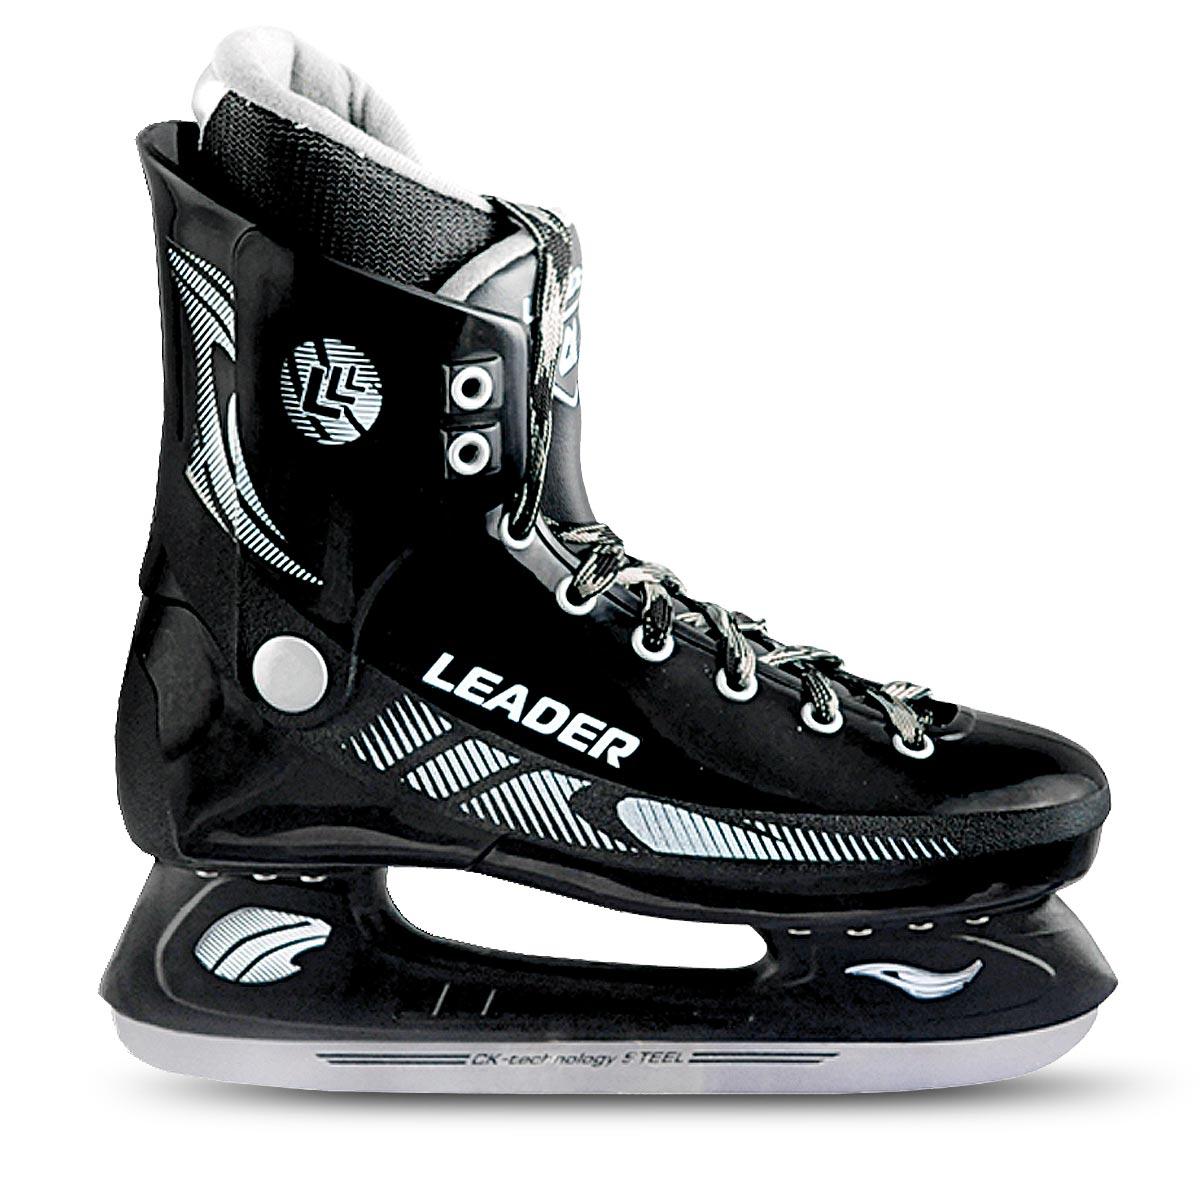 Коньки хоккейные для мальчика СК Leader, цвет: черный. Размер 35Atemi Force 3.0 2012 Black-GrayСтильные коньки для мальчика от CK Leader с ударопрочной защитной конструкцией прекрасно подойдут для начинающих игроков в хоккей. Ботинки изготовлены из морозостойкого пластика, который защитит ноги от ударов. Верх изделия оформлен шнуровкой, которая надежно фиксируют голеностоп. Внутренний сапожок, выполненный из комбинации капровелюра и искусственной кожи, обеспечит тепло и комфорт во время катания. Подкладка и стелька исполнены из текстиля. Голеностоп имеет удобный суппорт. Усиленная двухстаканная рама с одной из боковых сторон коньки декорирована принтом, а на язычке - тиснением в виде логотипа бренда.Подошва - из твердого ПВХ. Фигурное лезвие изготовлено из легированной стали со специальным покрытием, придающим дополнительную прочность. Стильные коньки придутся по душе вашему ребенку.